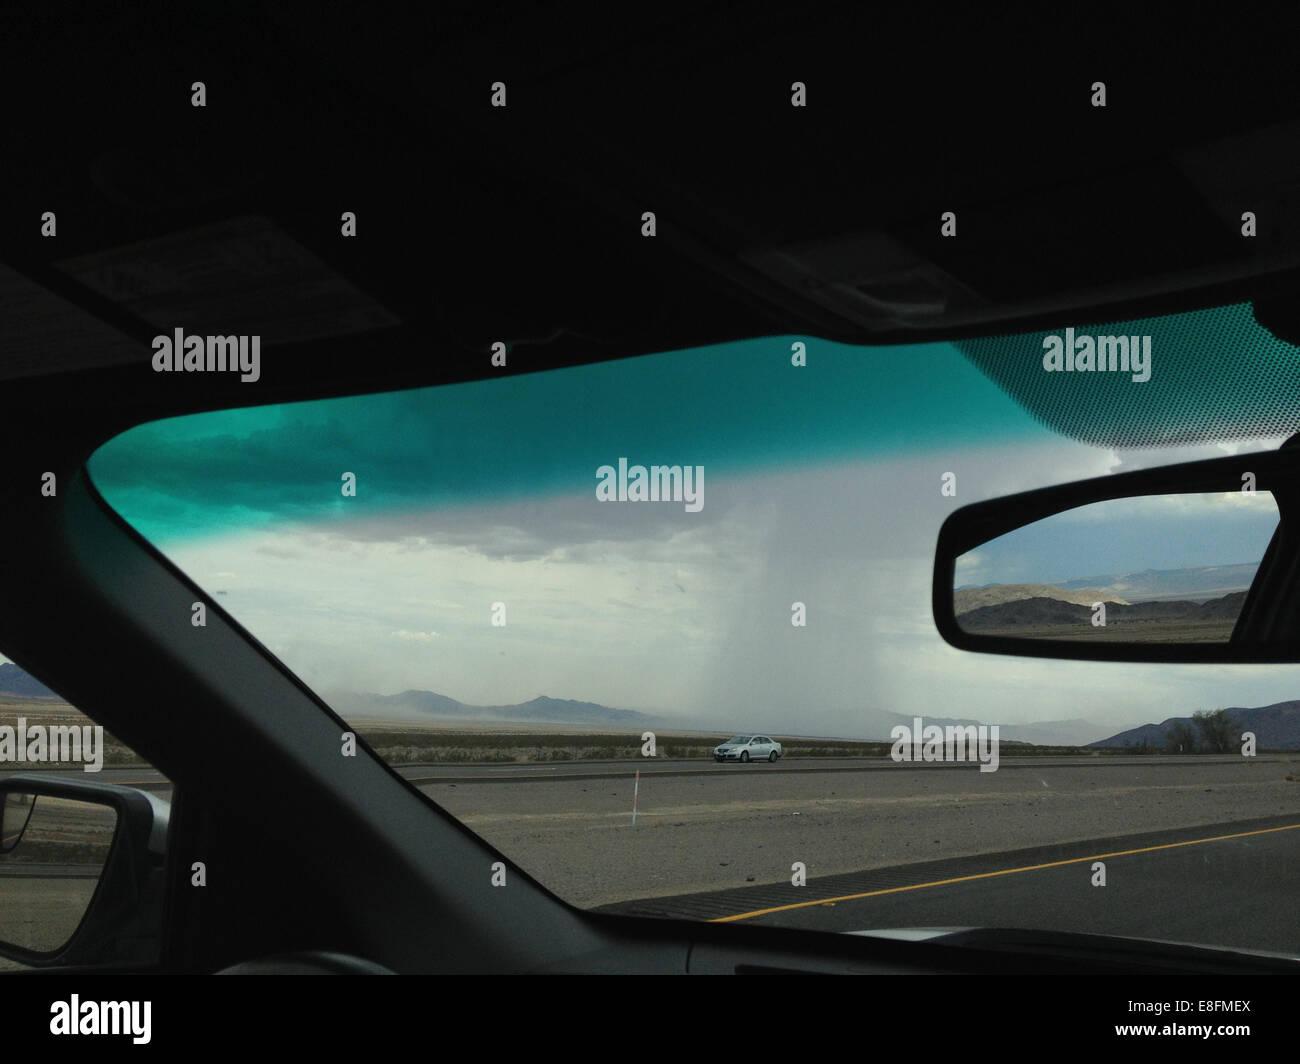 Estados Unidos, Nevada, Tormenta visto desde el interior de coche Imagen De Stock